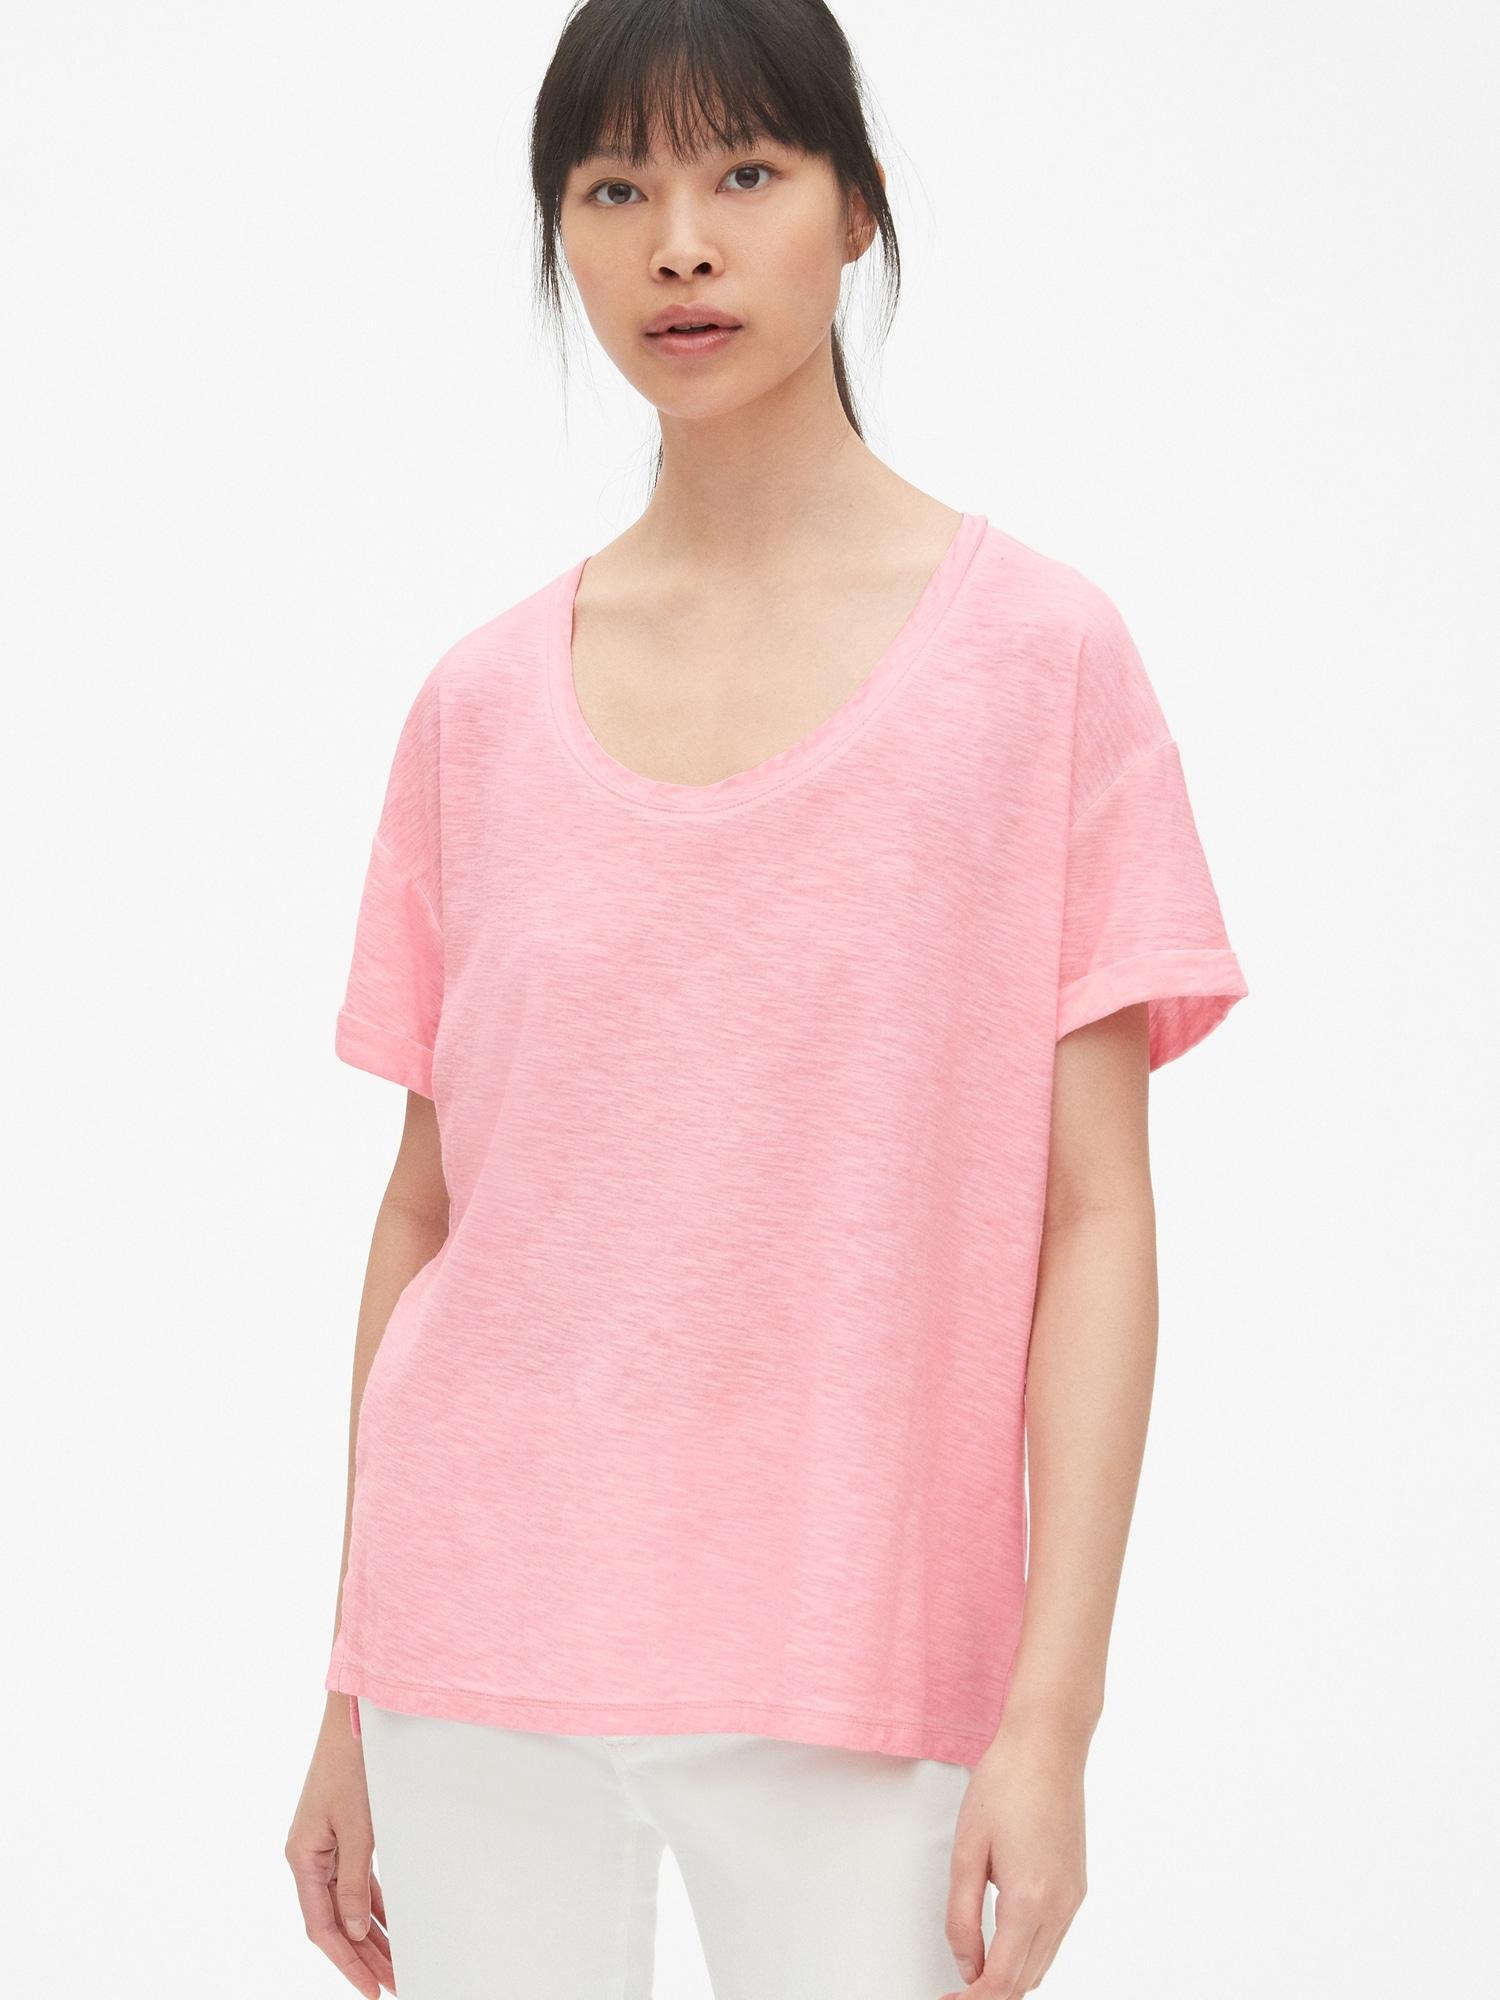 fe8f9e1ee Lyst - Gap Soft Slub Relaxed Crewneck T-shirt in Pink